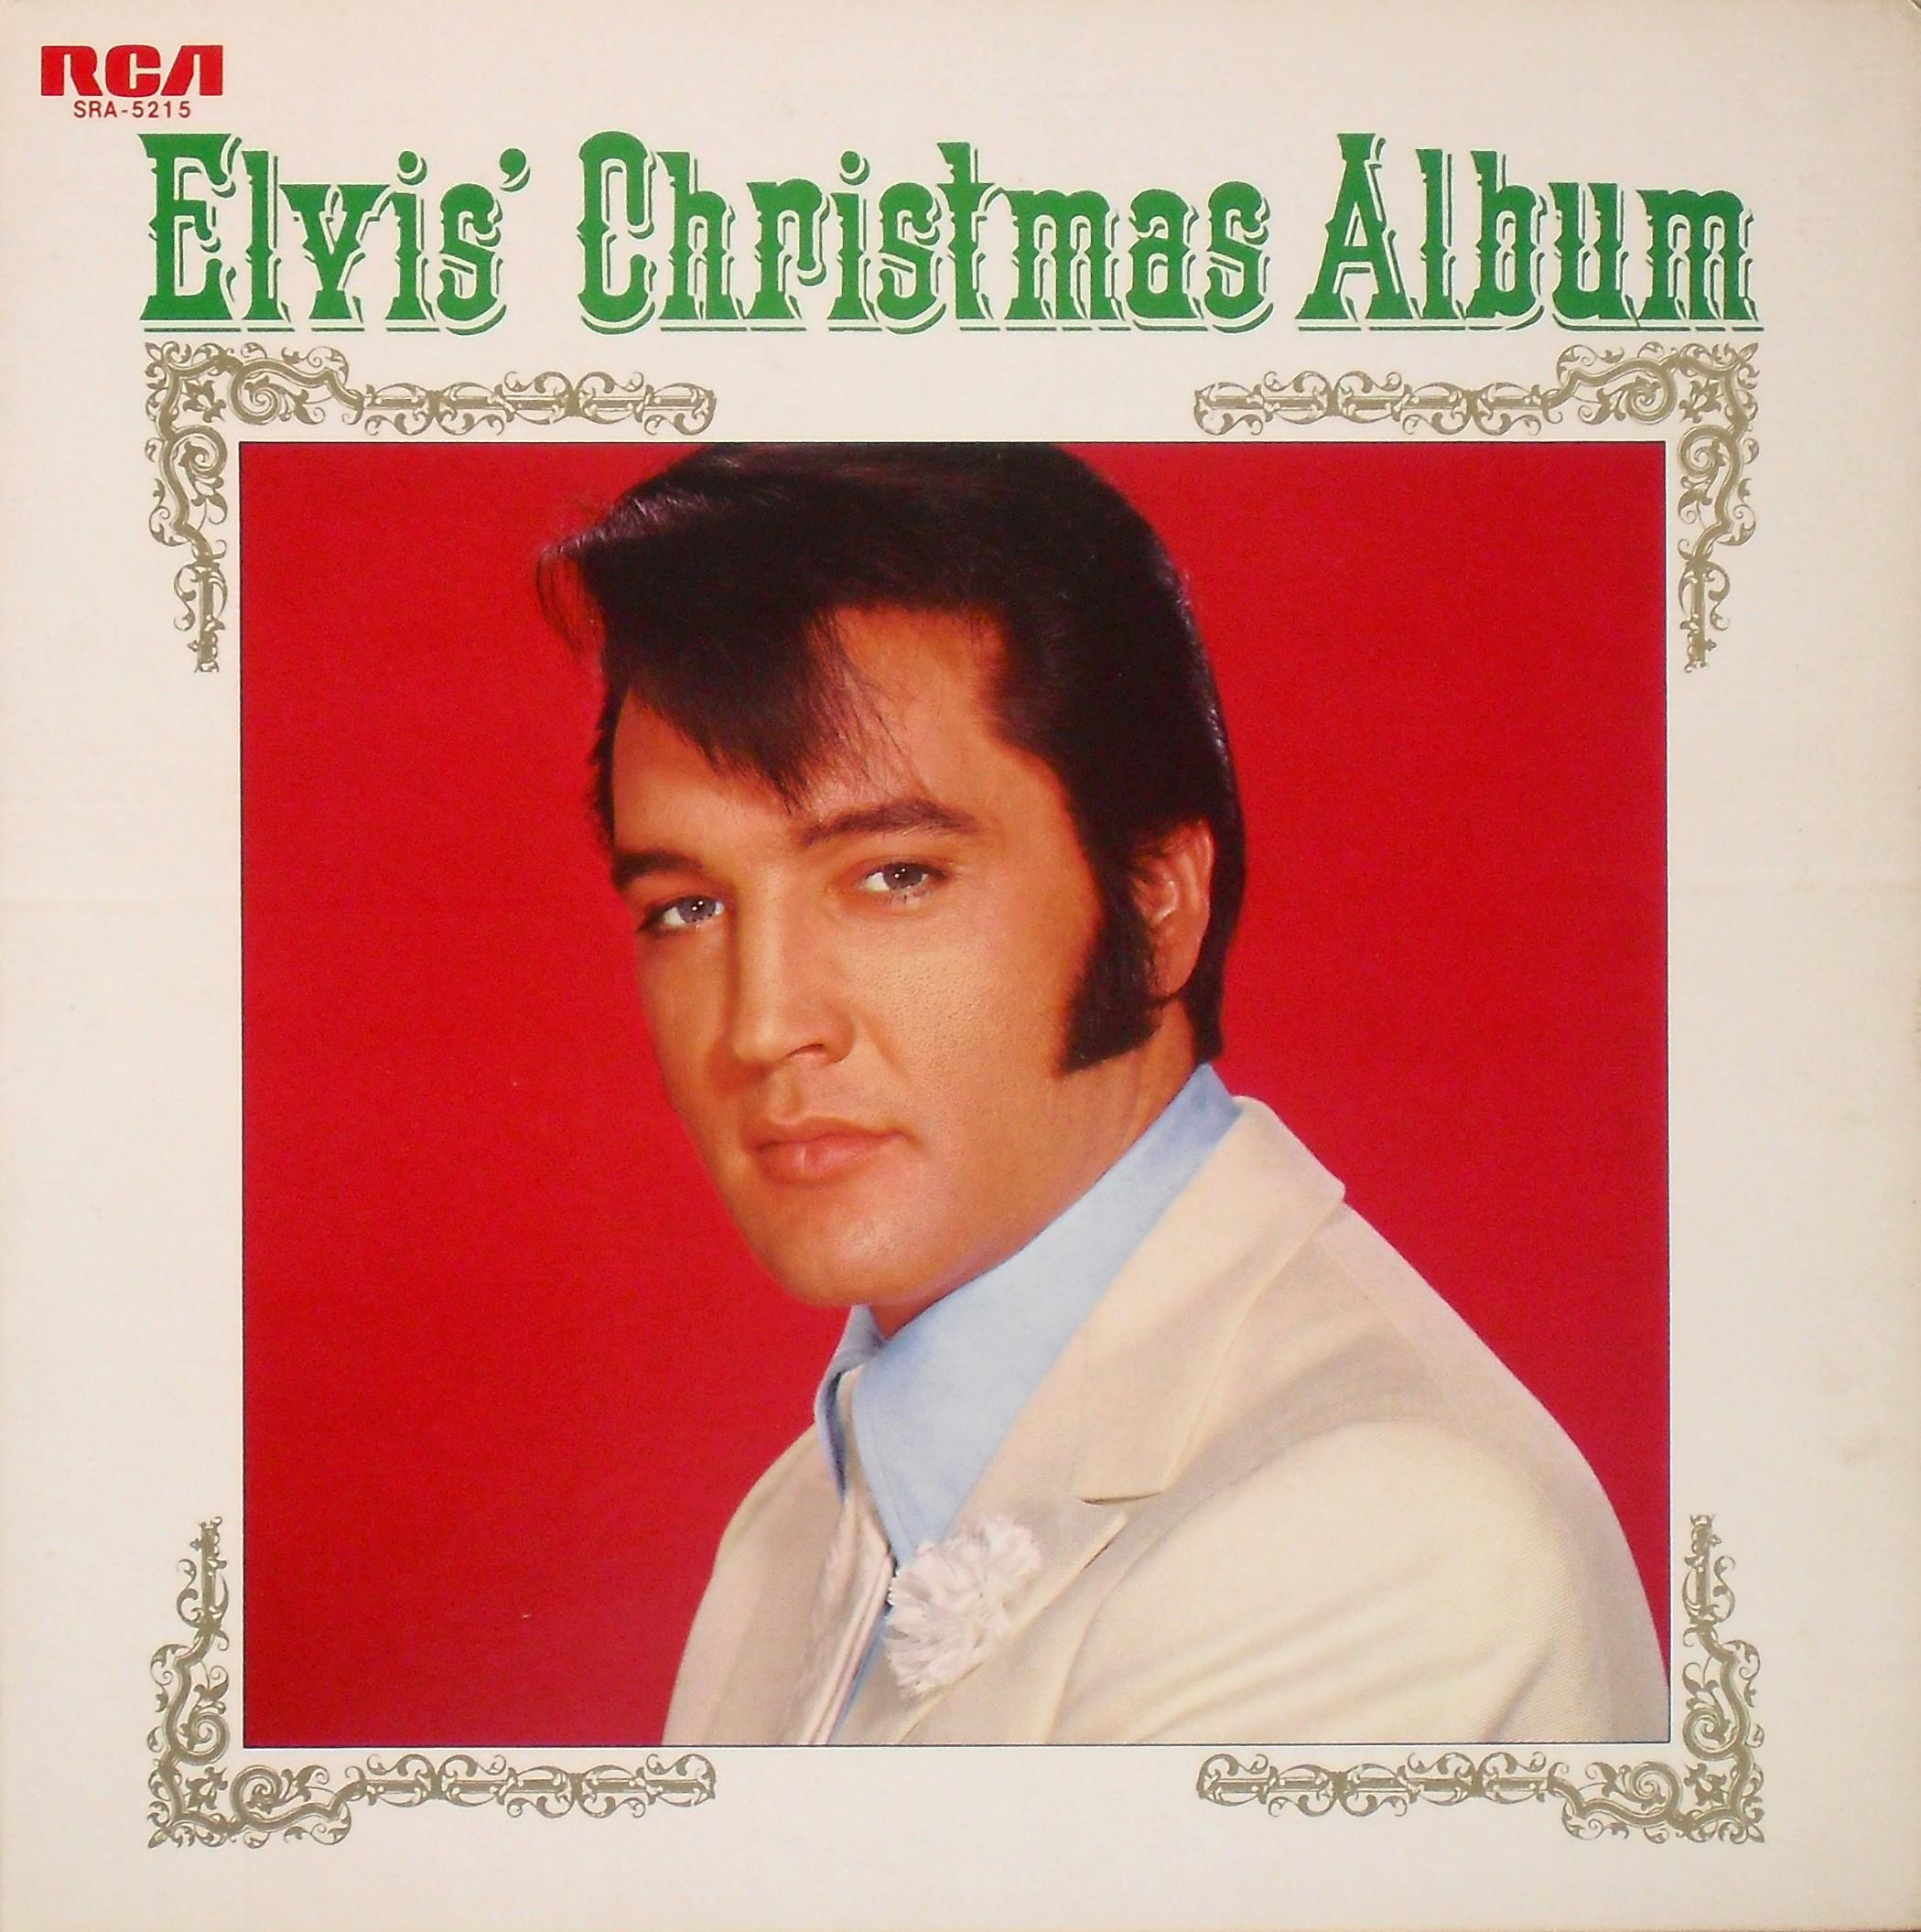 ELVIS' CHRISTMAS ALBUM 027ksz9